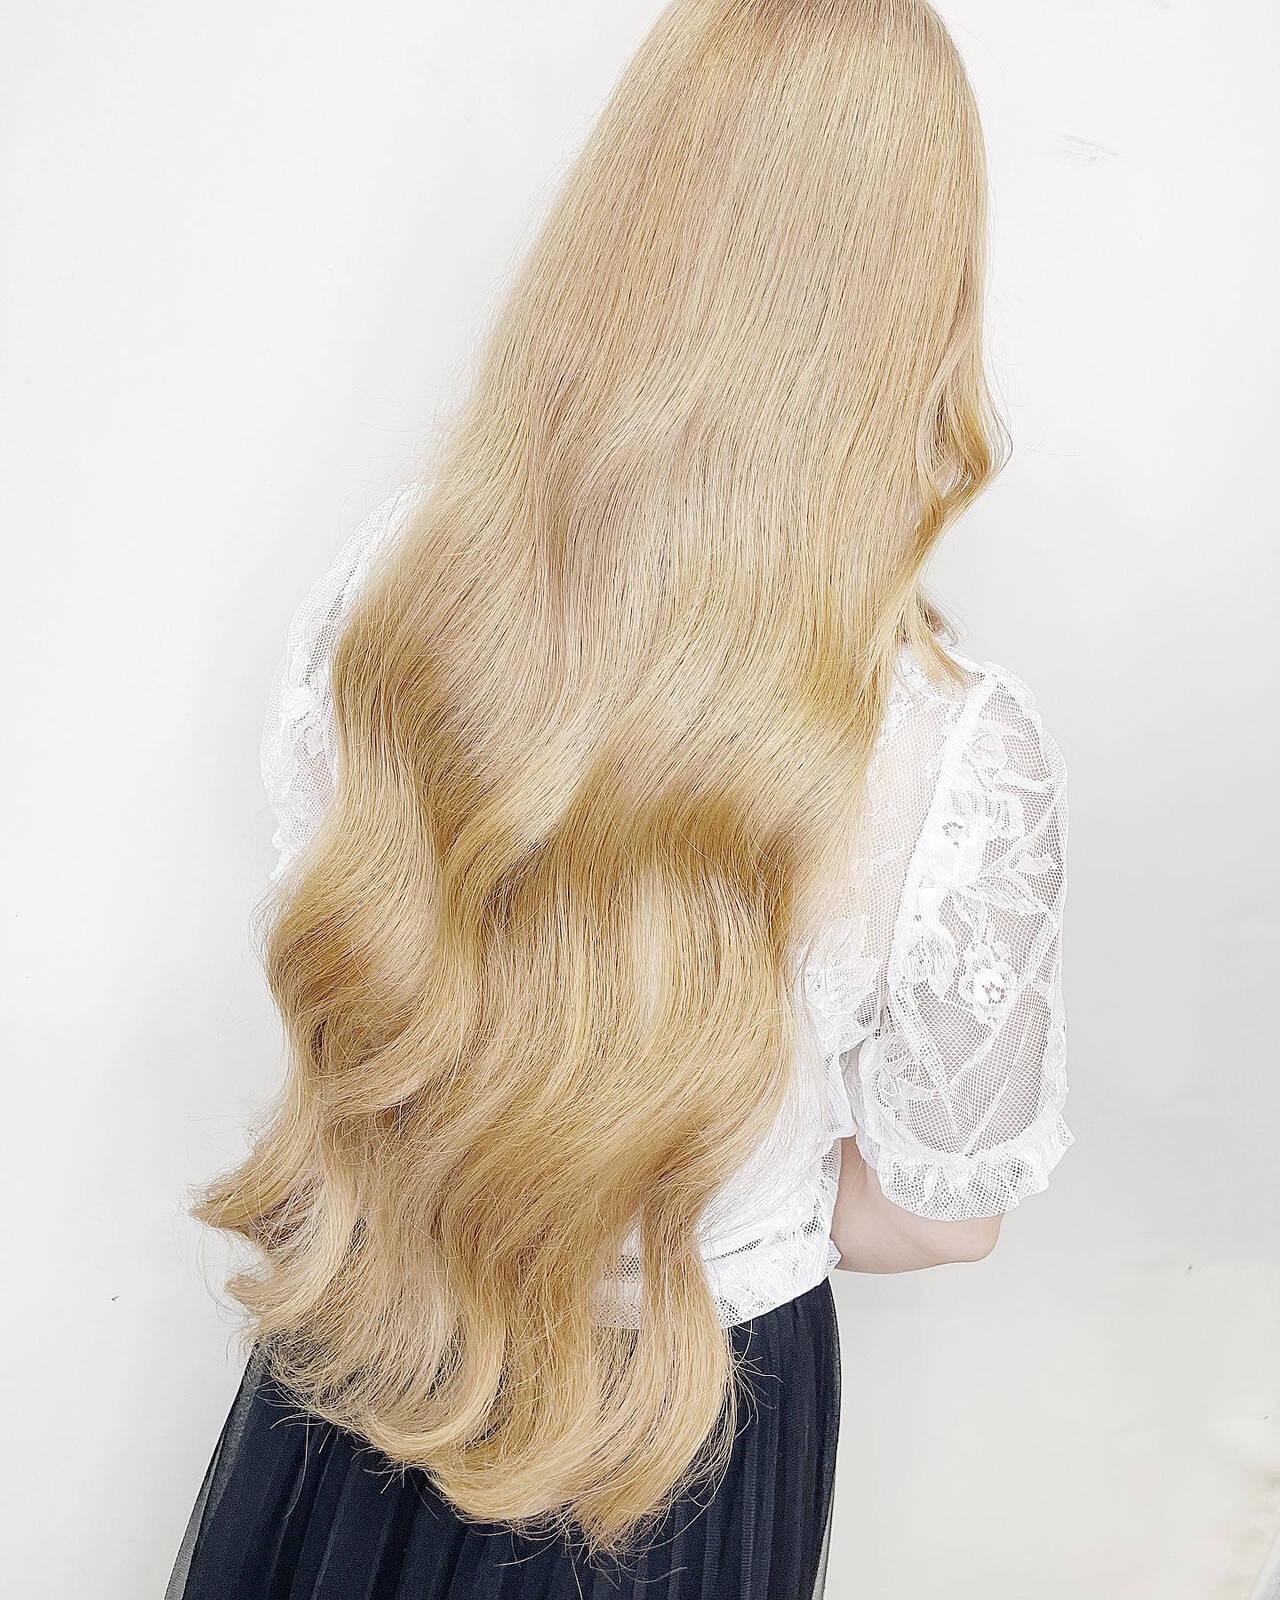 ロング ナチュラル バレイヤージュ ホワイトブリーチヘアスタイルや髪型の写真・画像